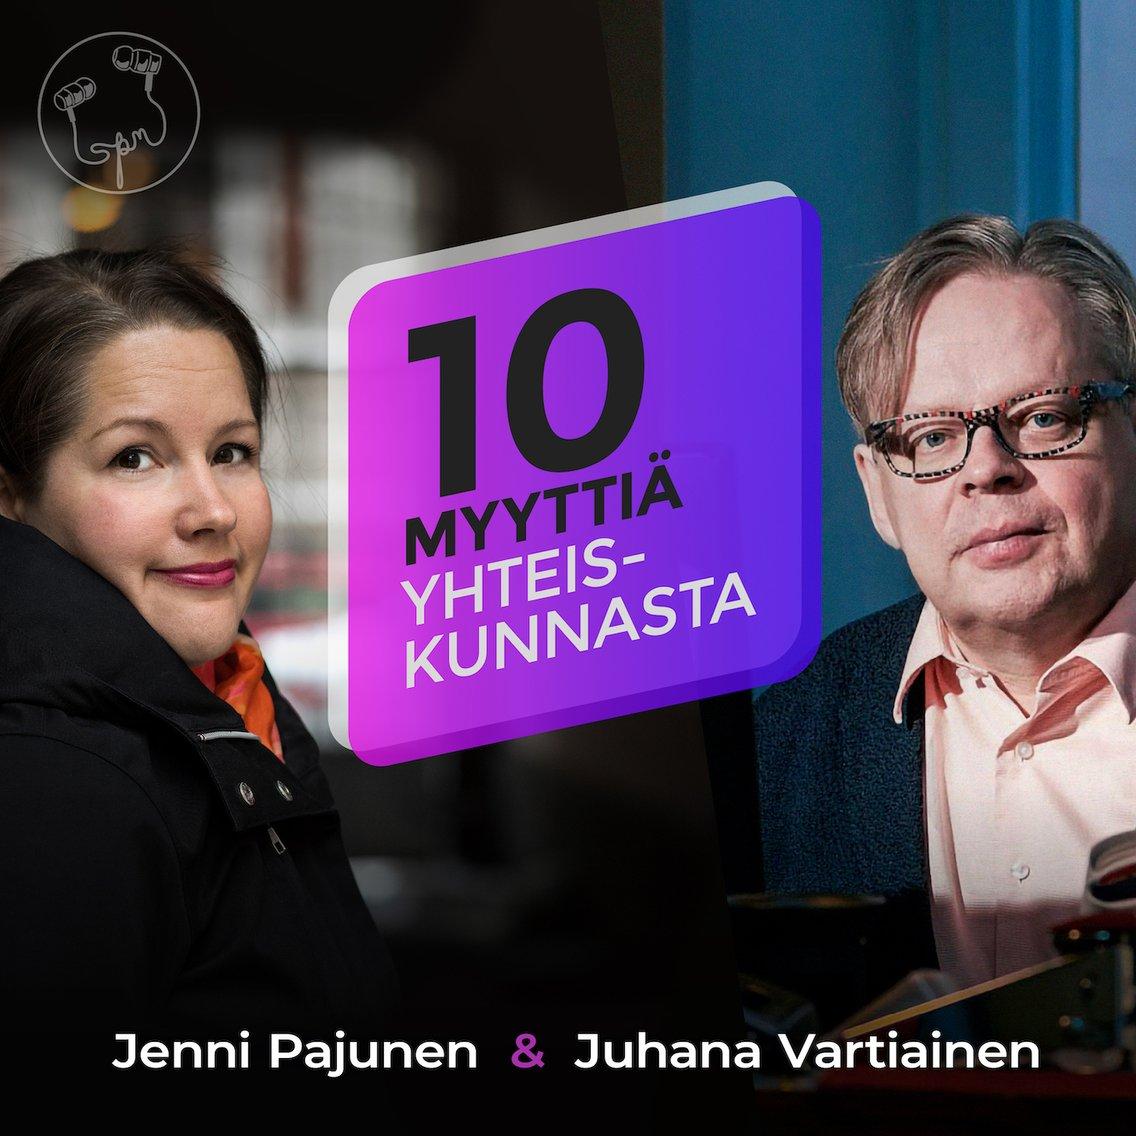 10 myyttiä yhteiskunnasta - Cover Image